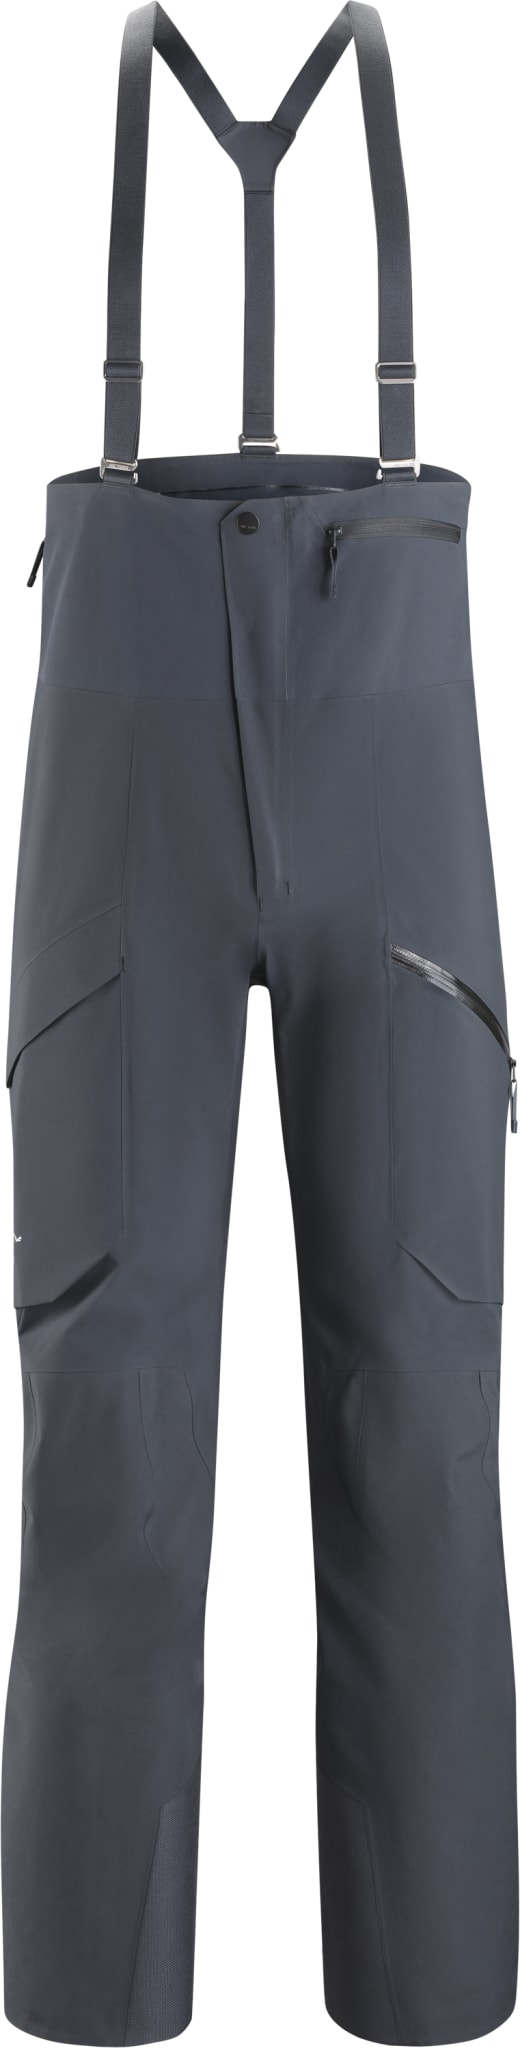 Bukse for skikjøreren i vanntett Gore-Tex C-Knit